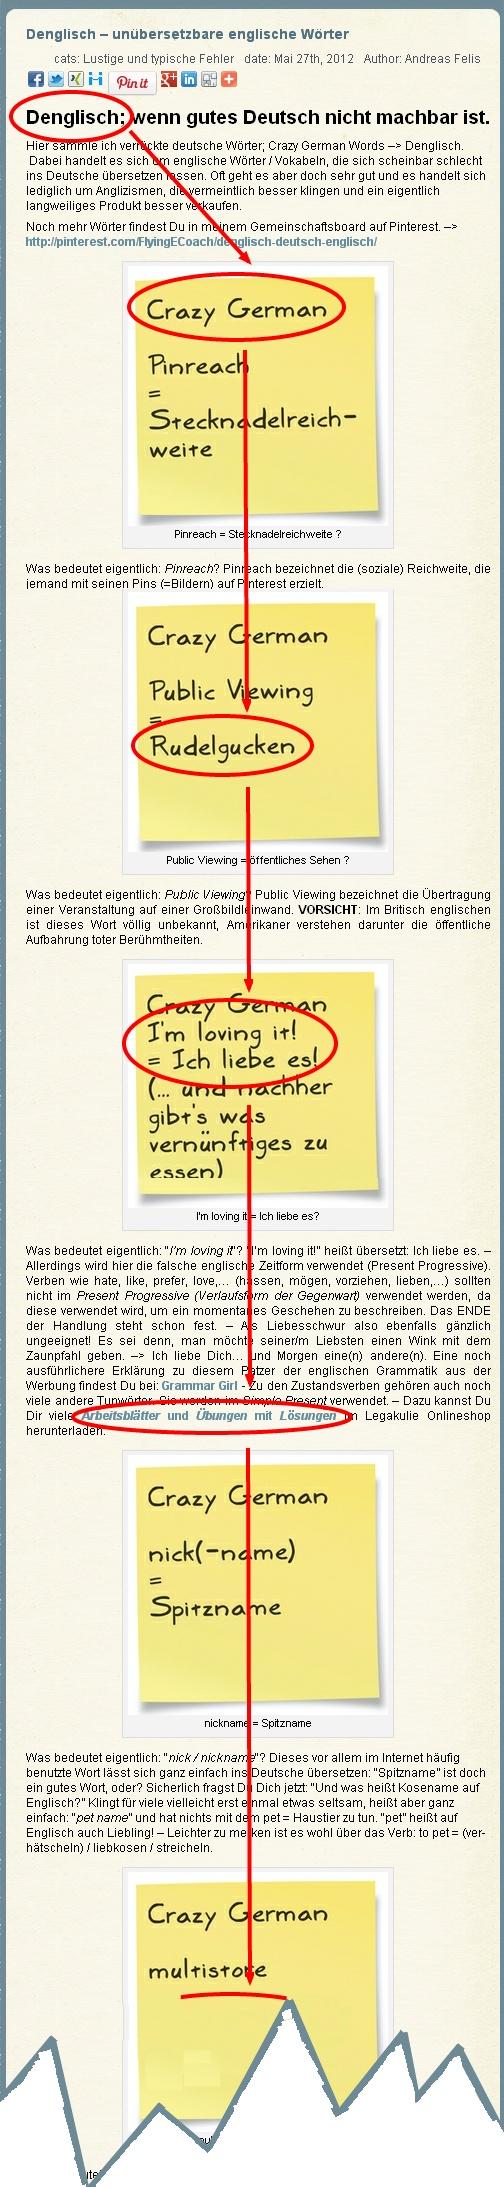 #englische #Vokabeln, die sich nicht ins #Deutsche #übersetzen lassen oder einfach nur nervige #Anglizismen? – #Denglisch gesammelt von: www.FlyingEnglishCoach.de #Englisch #Nachhilfe #Pforzheim / freier Mitautor für #Arbeitsblätter und #Unterrichtsmaterialen & mehr!